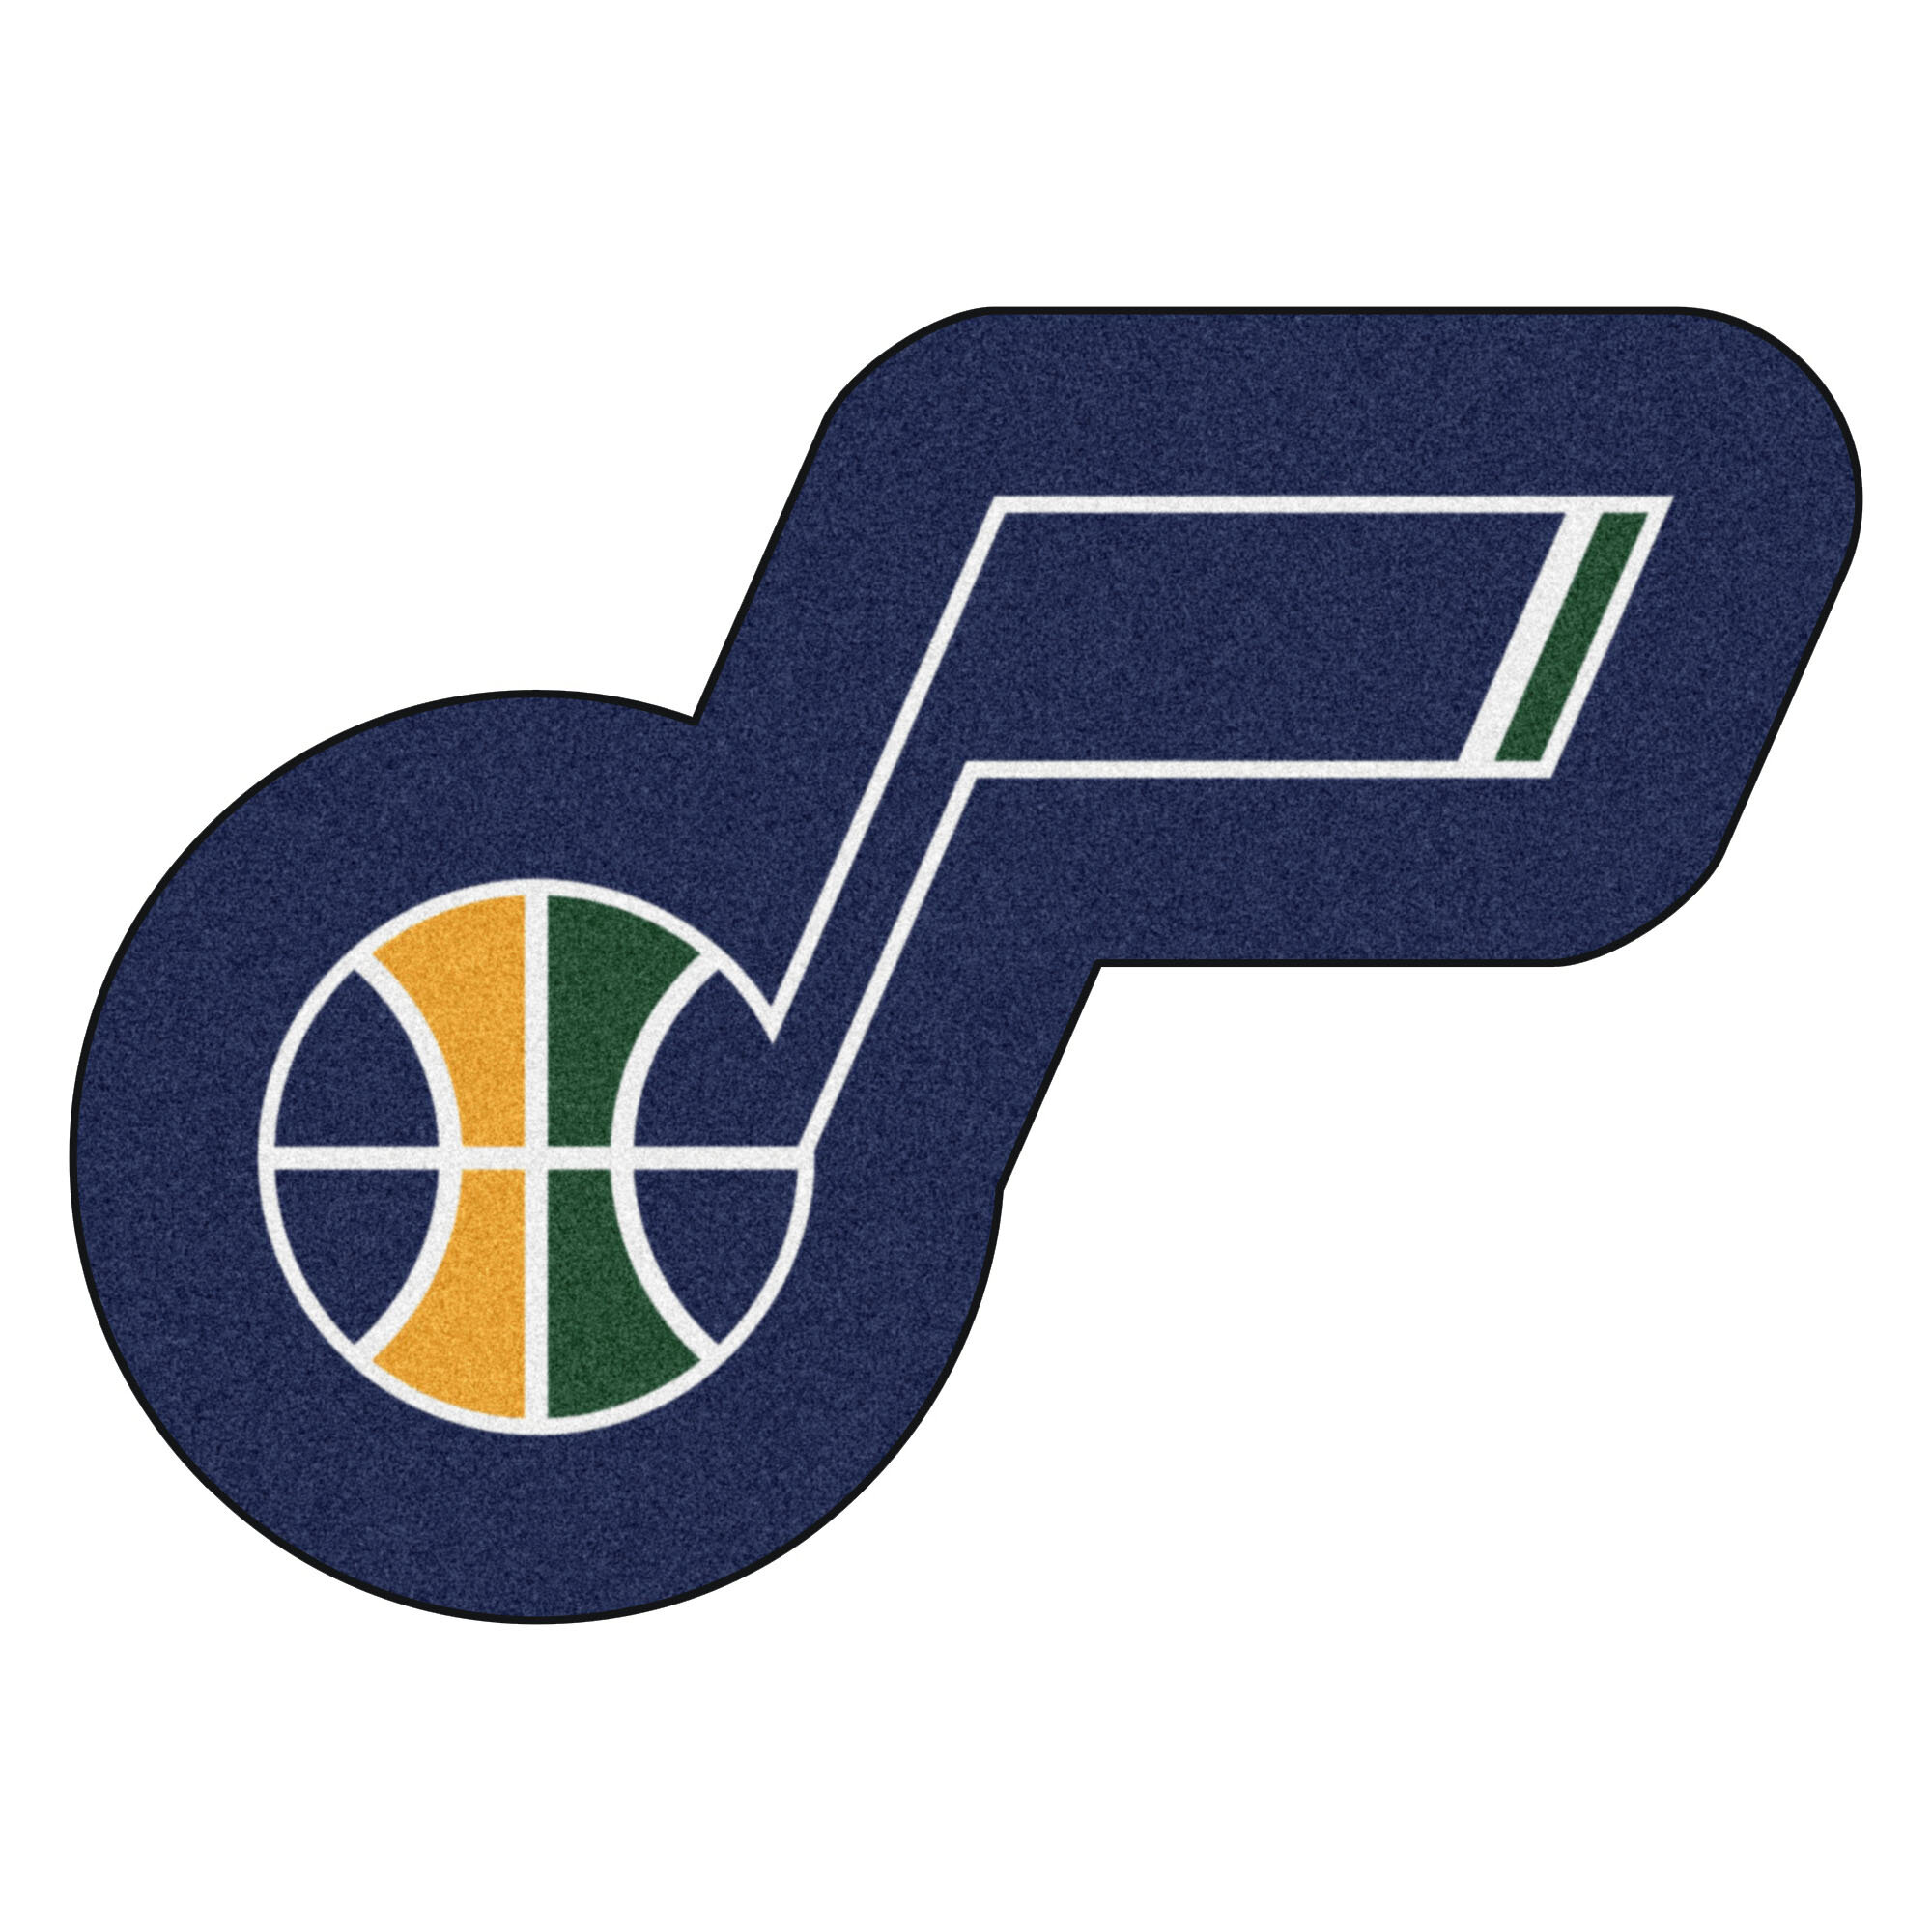 3434e4a4cef2 FANMATS NBA Utah Jazz Mascot Doormat